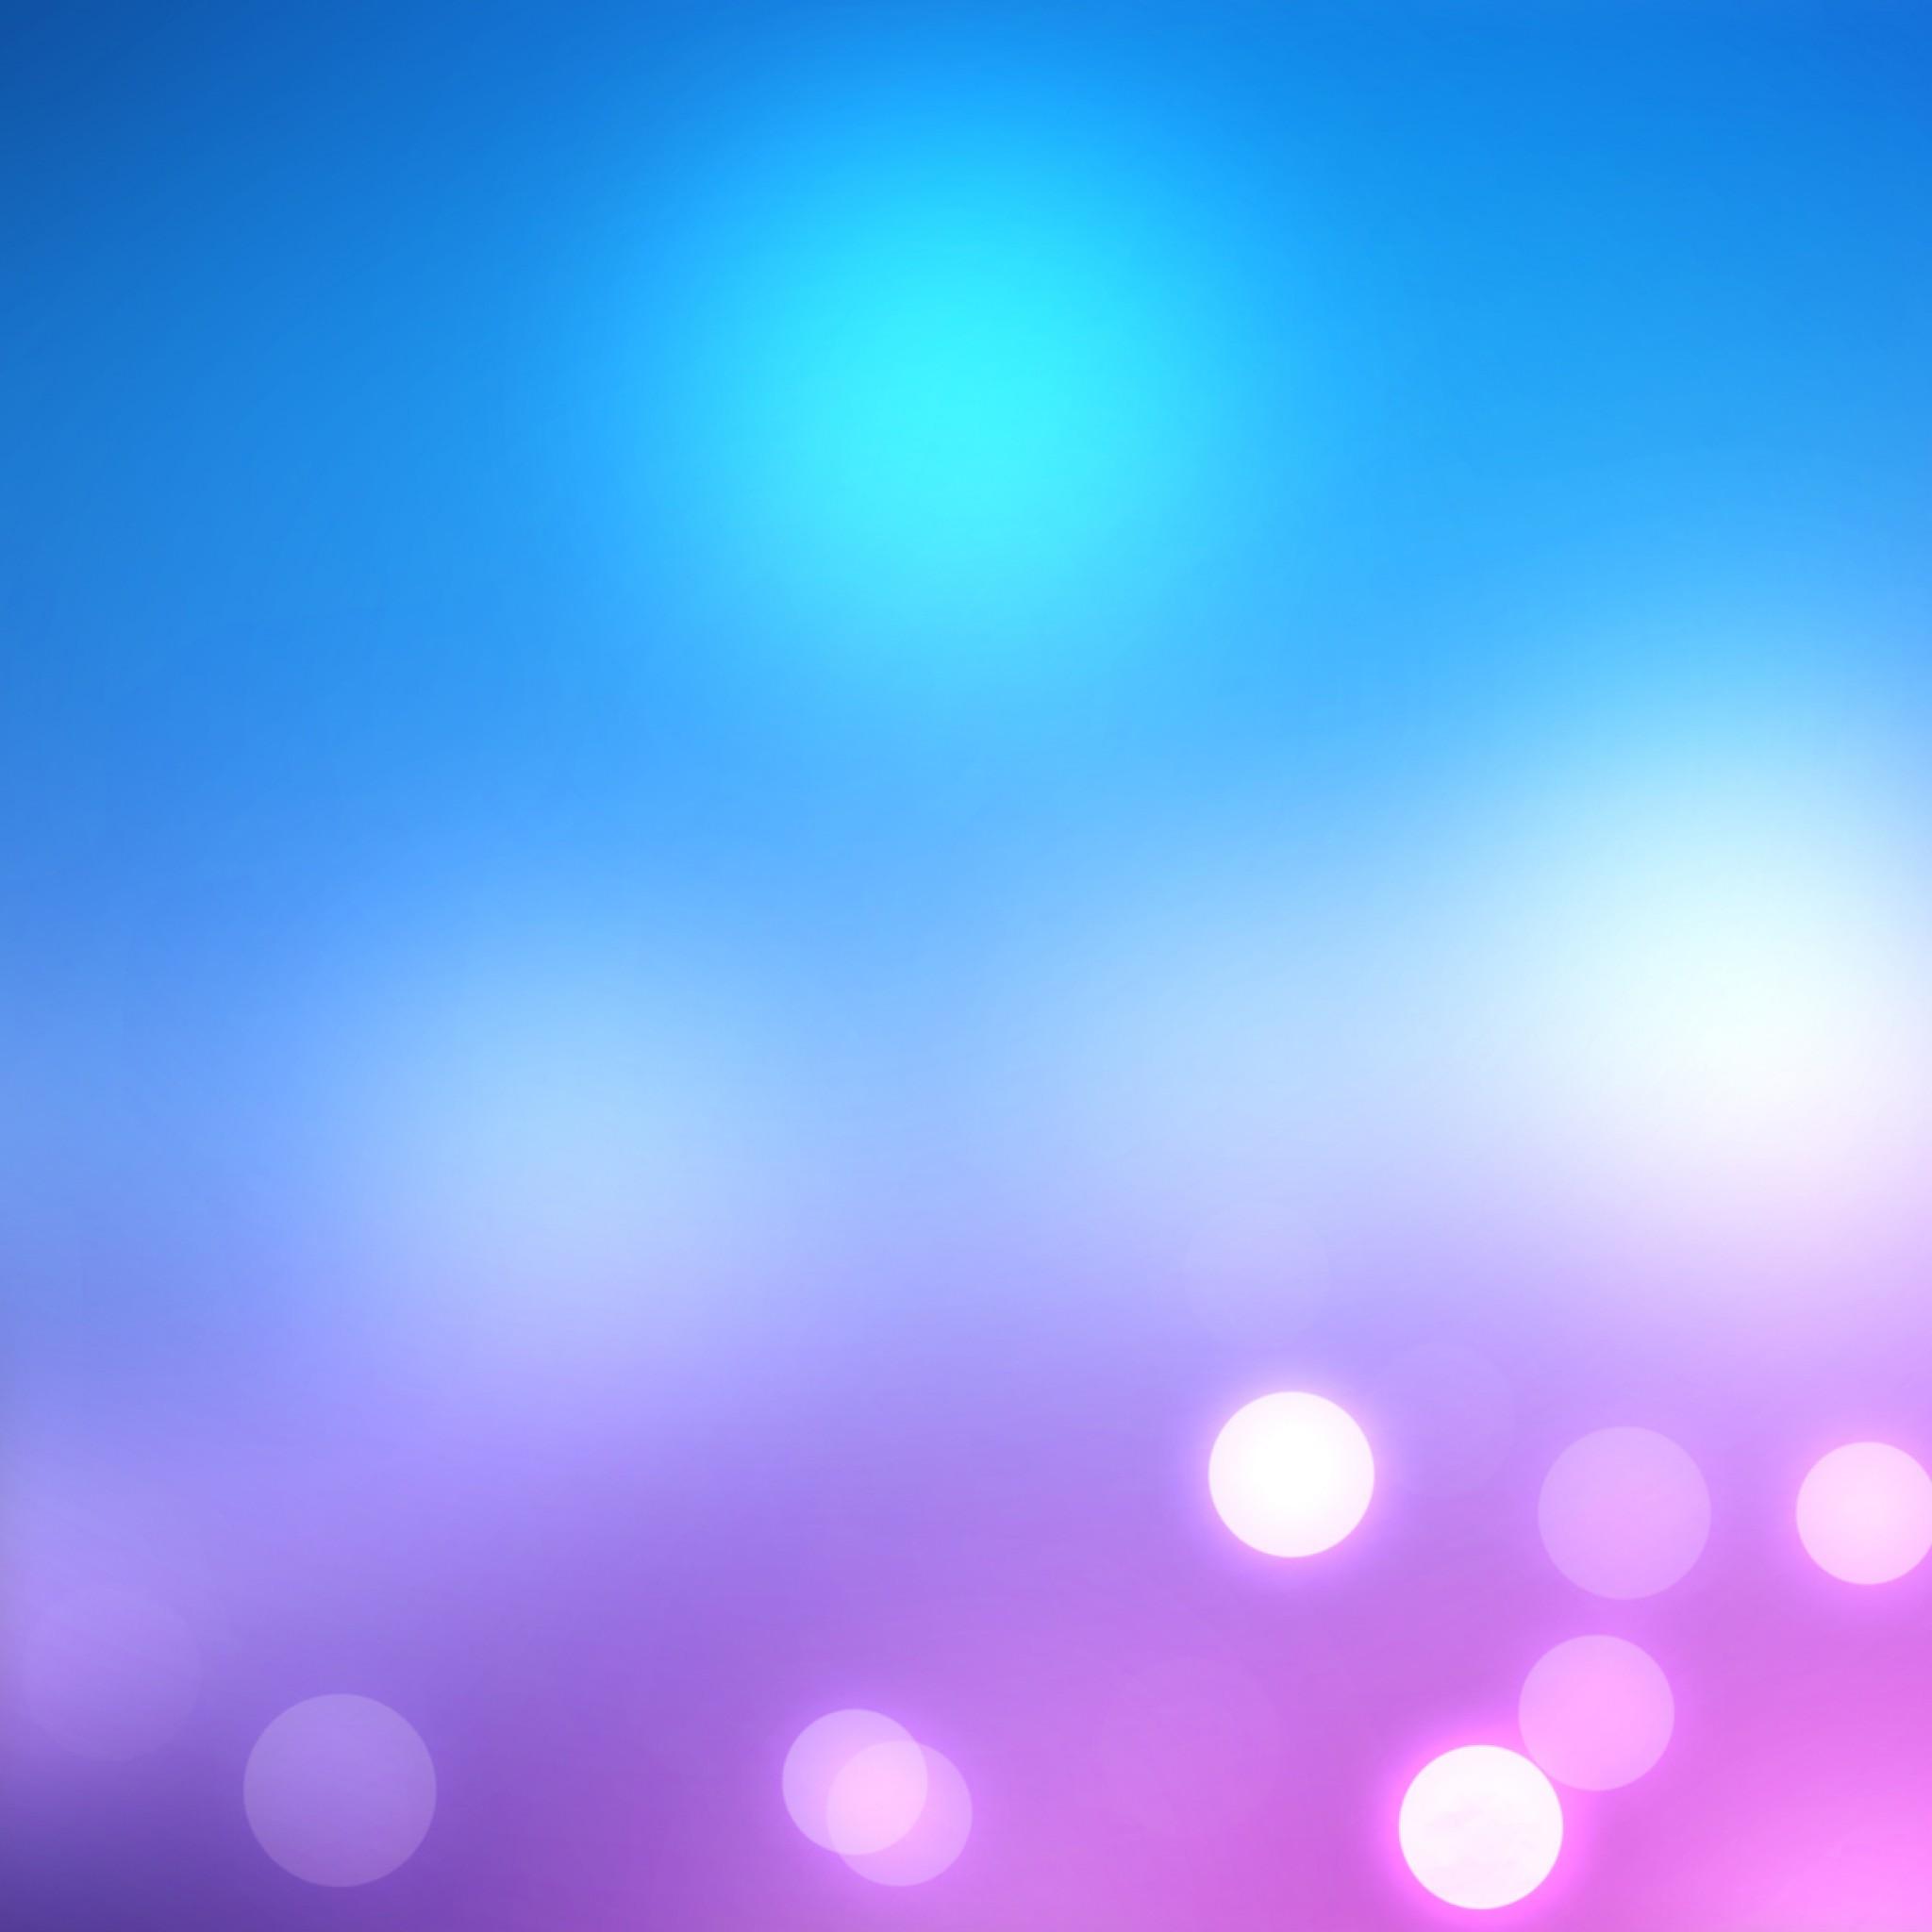 Ipad Wallpaper Hd Download 2048x2048